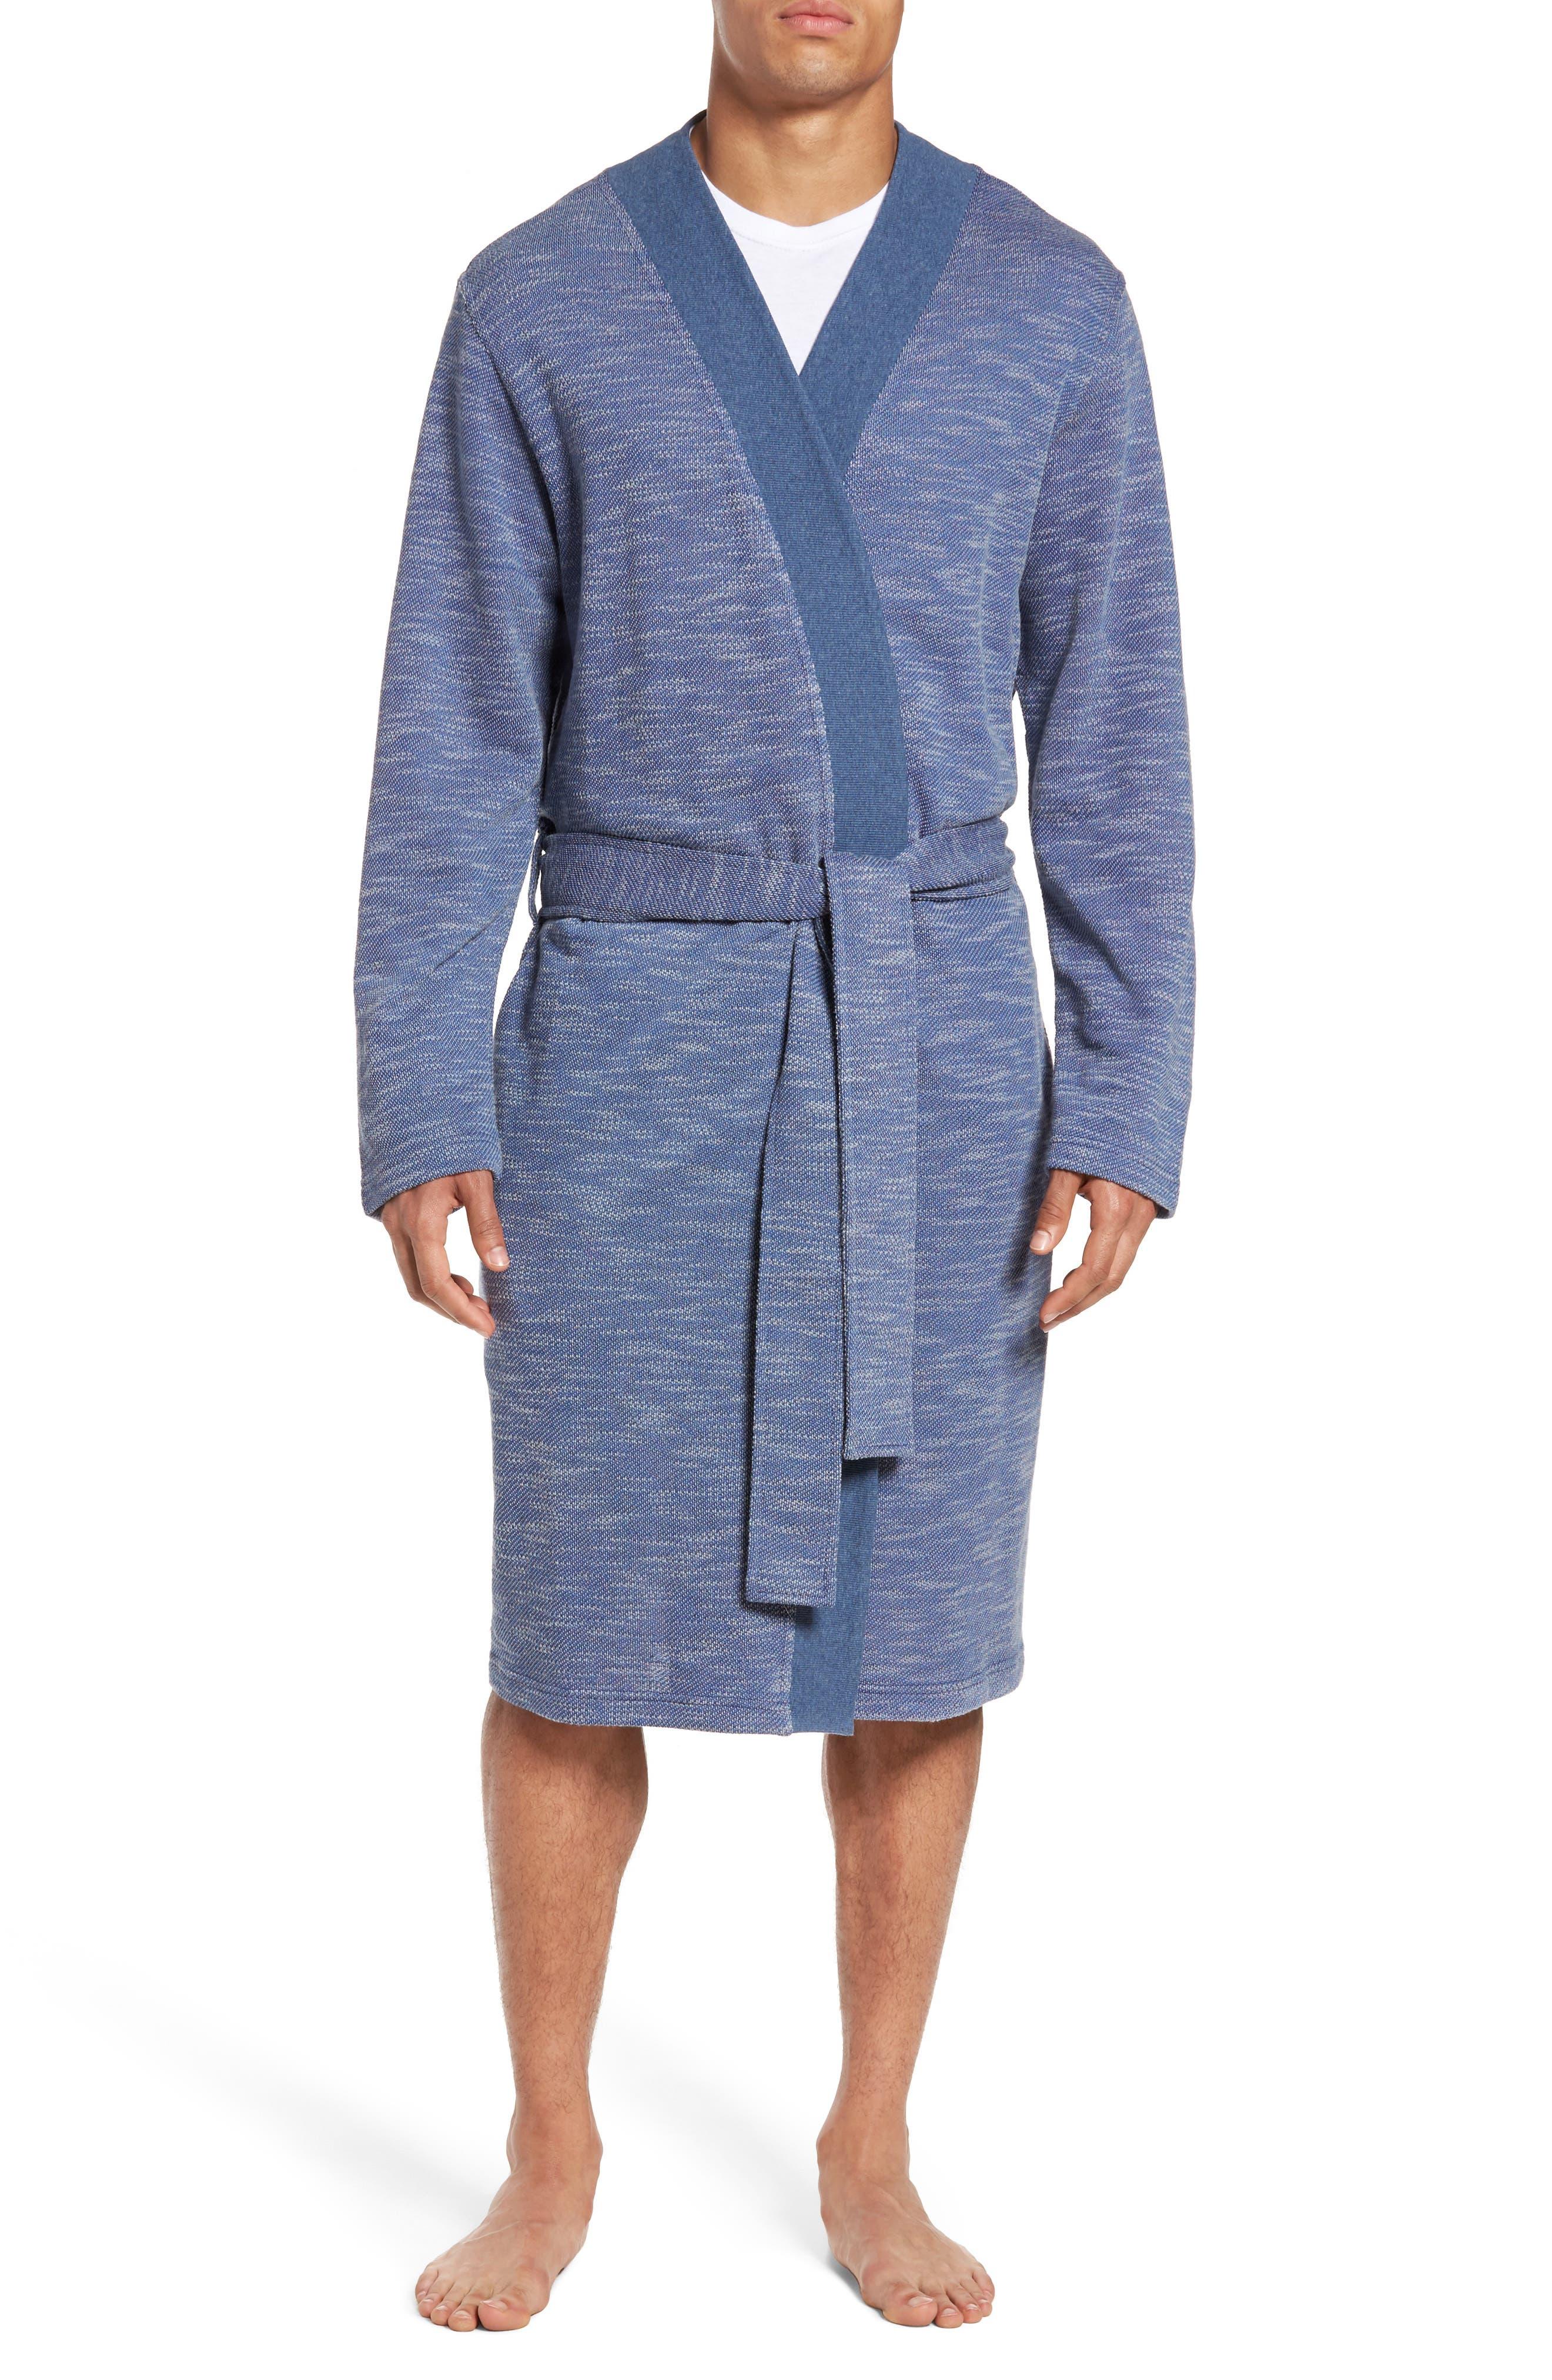 UGG Kent Robe